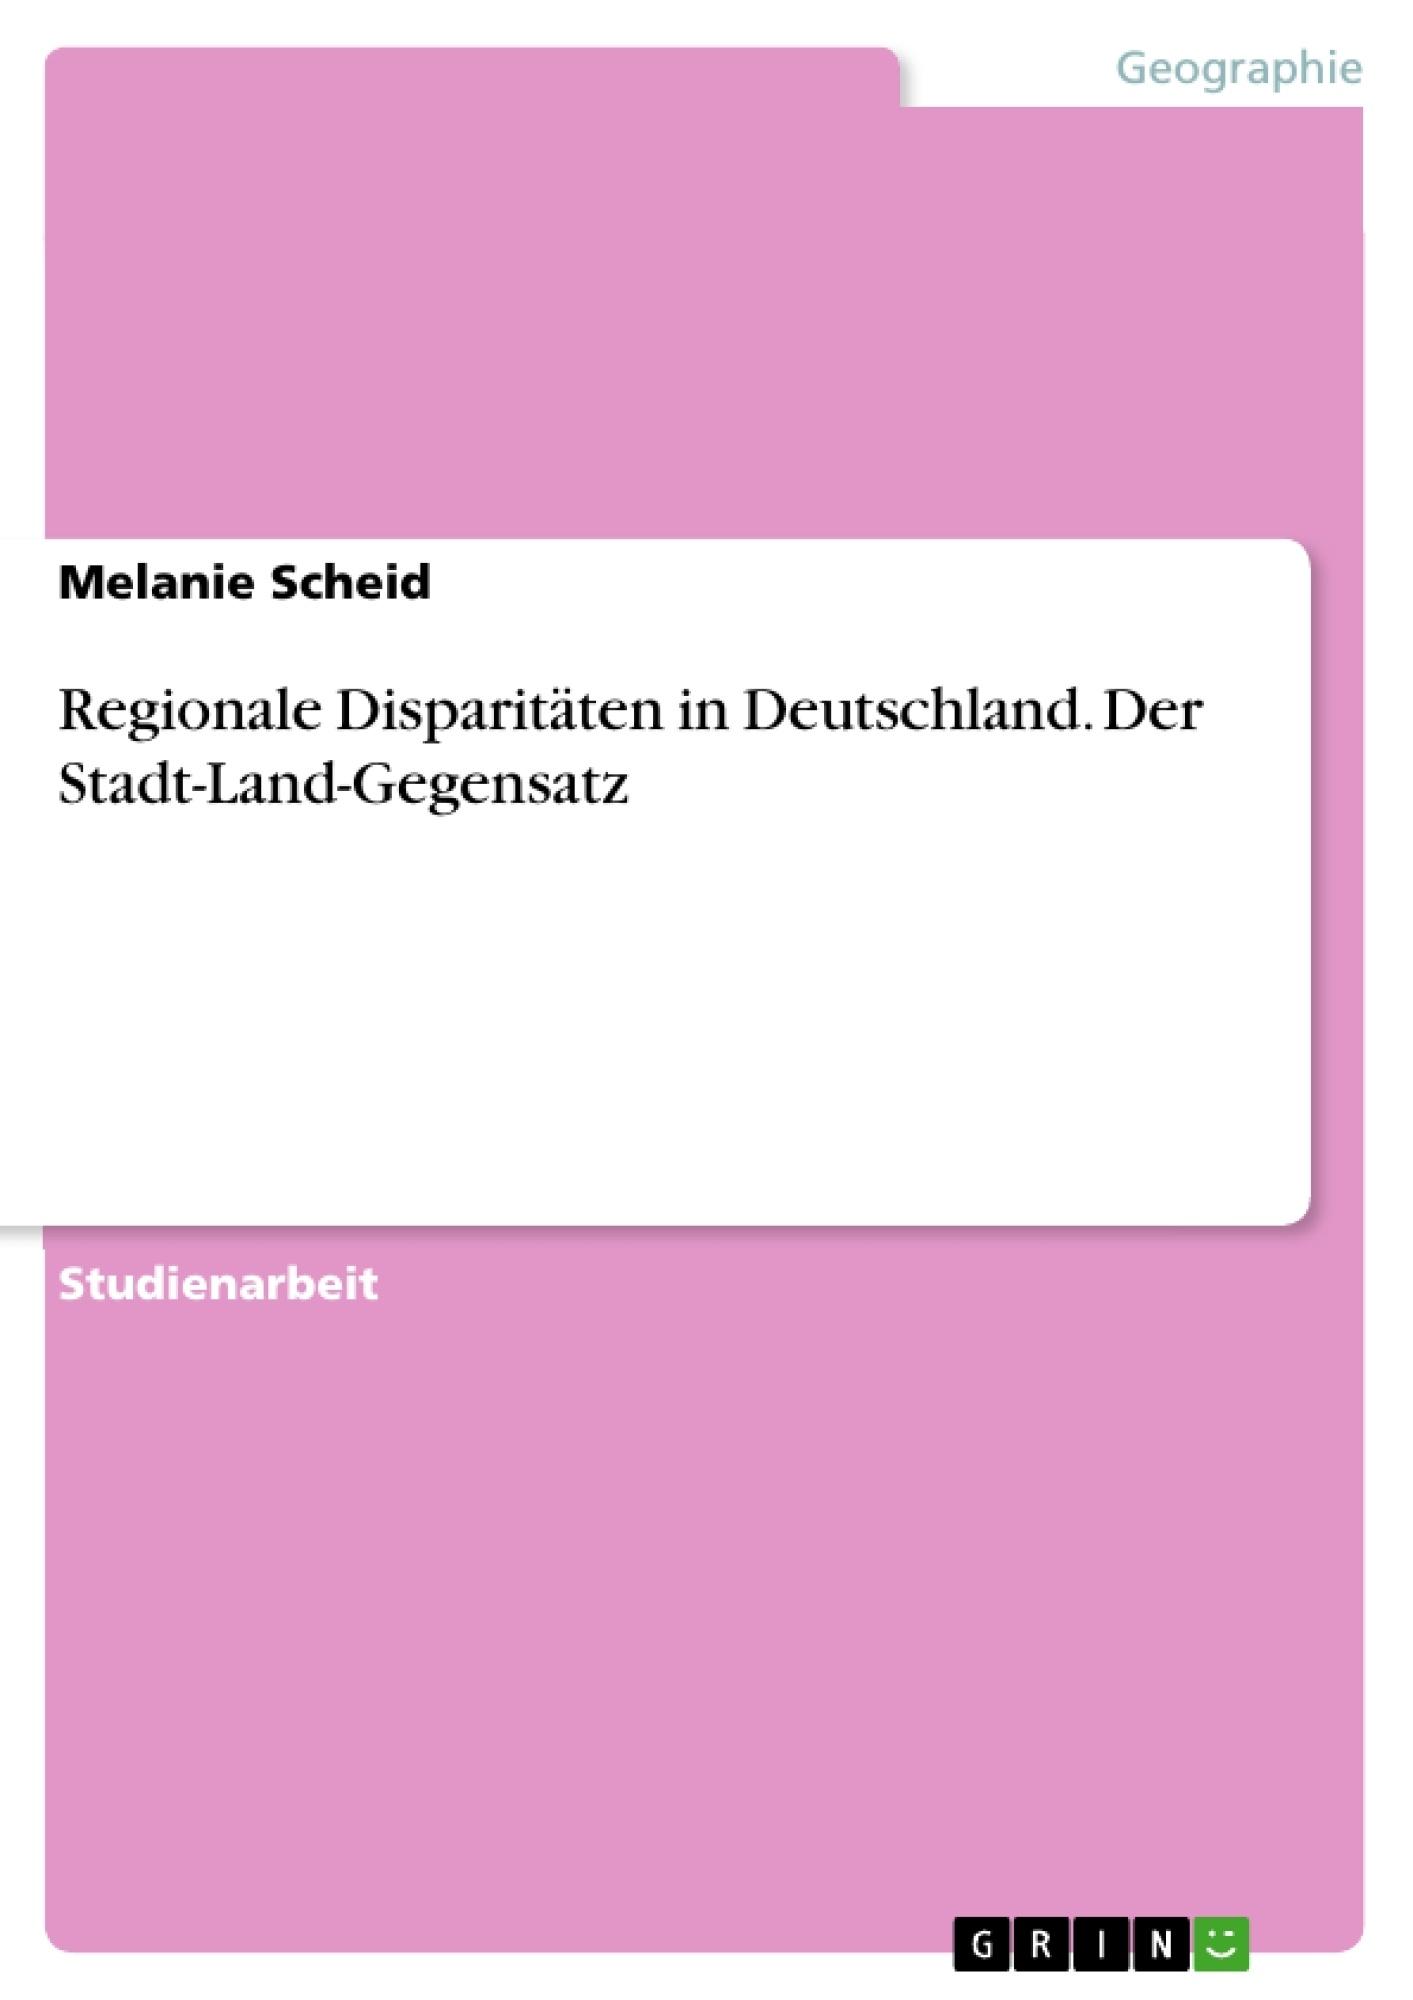 Titel: Regionale Disparitäten in Deutschland. Der Stadt-Land-Gegensatz